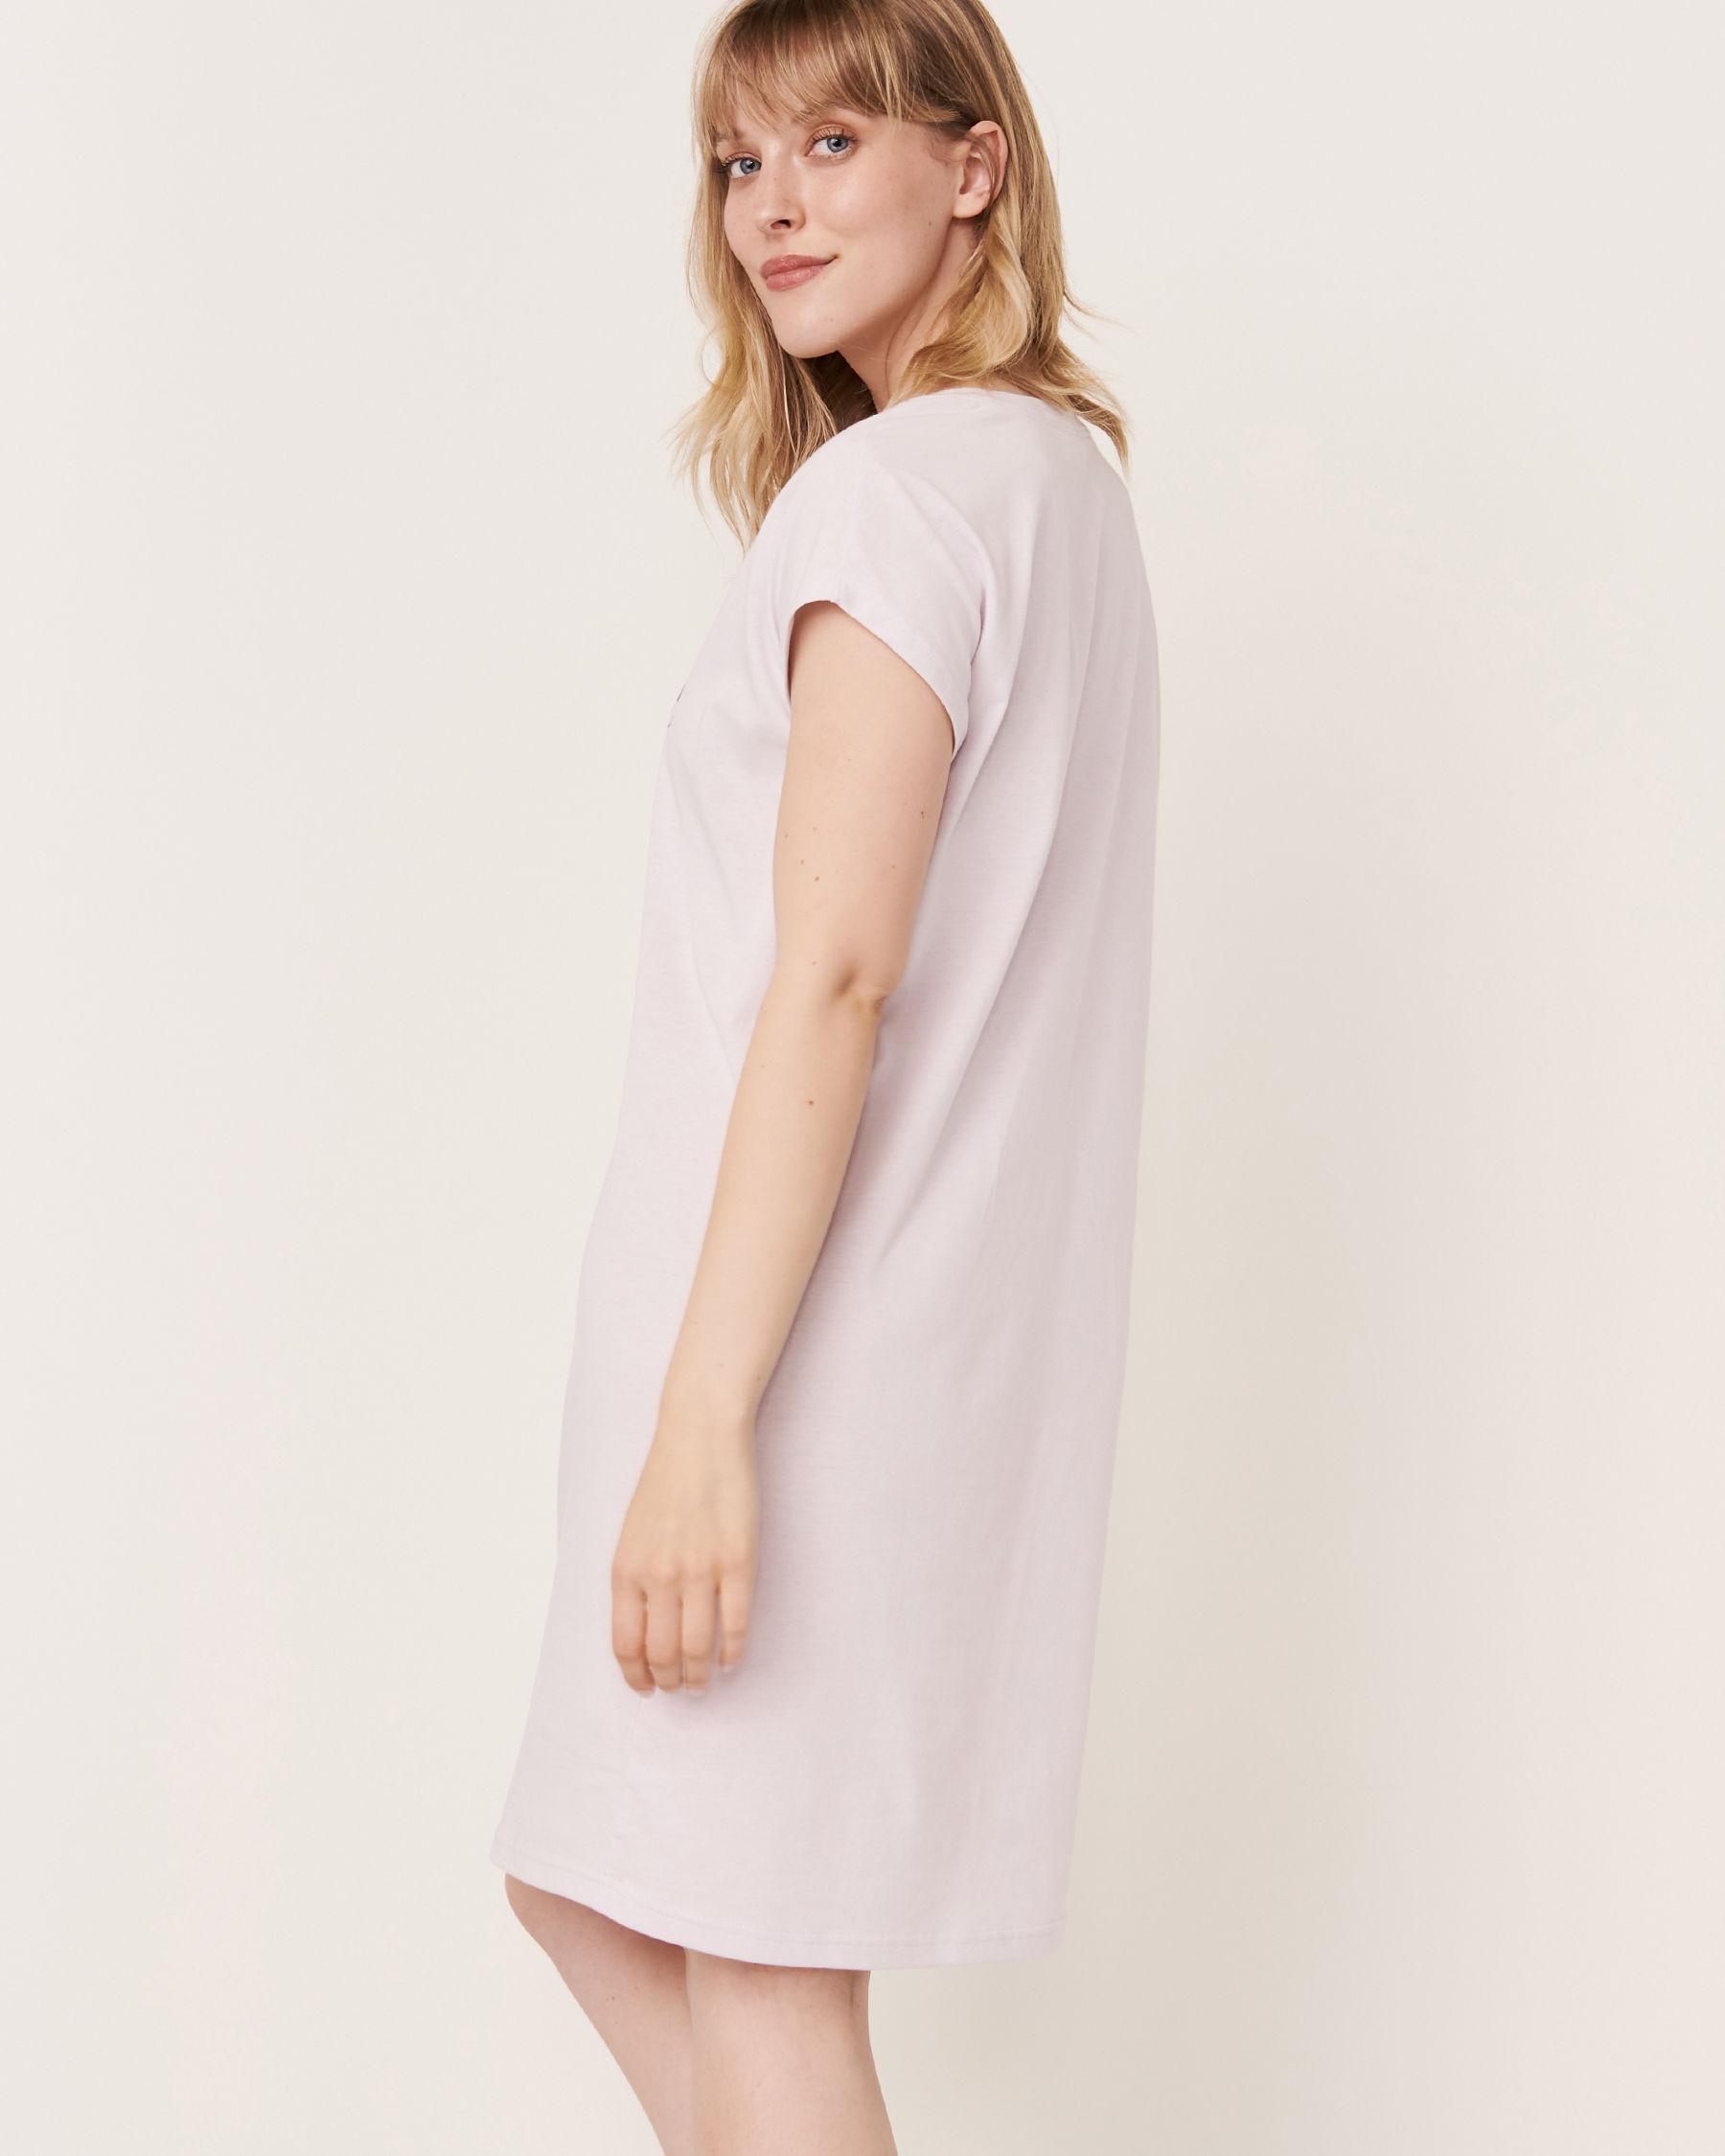 LA VIE EN ROSE Scoop Neck Short Sleeve Sleepshirt Lavender 40500104 - View2